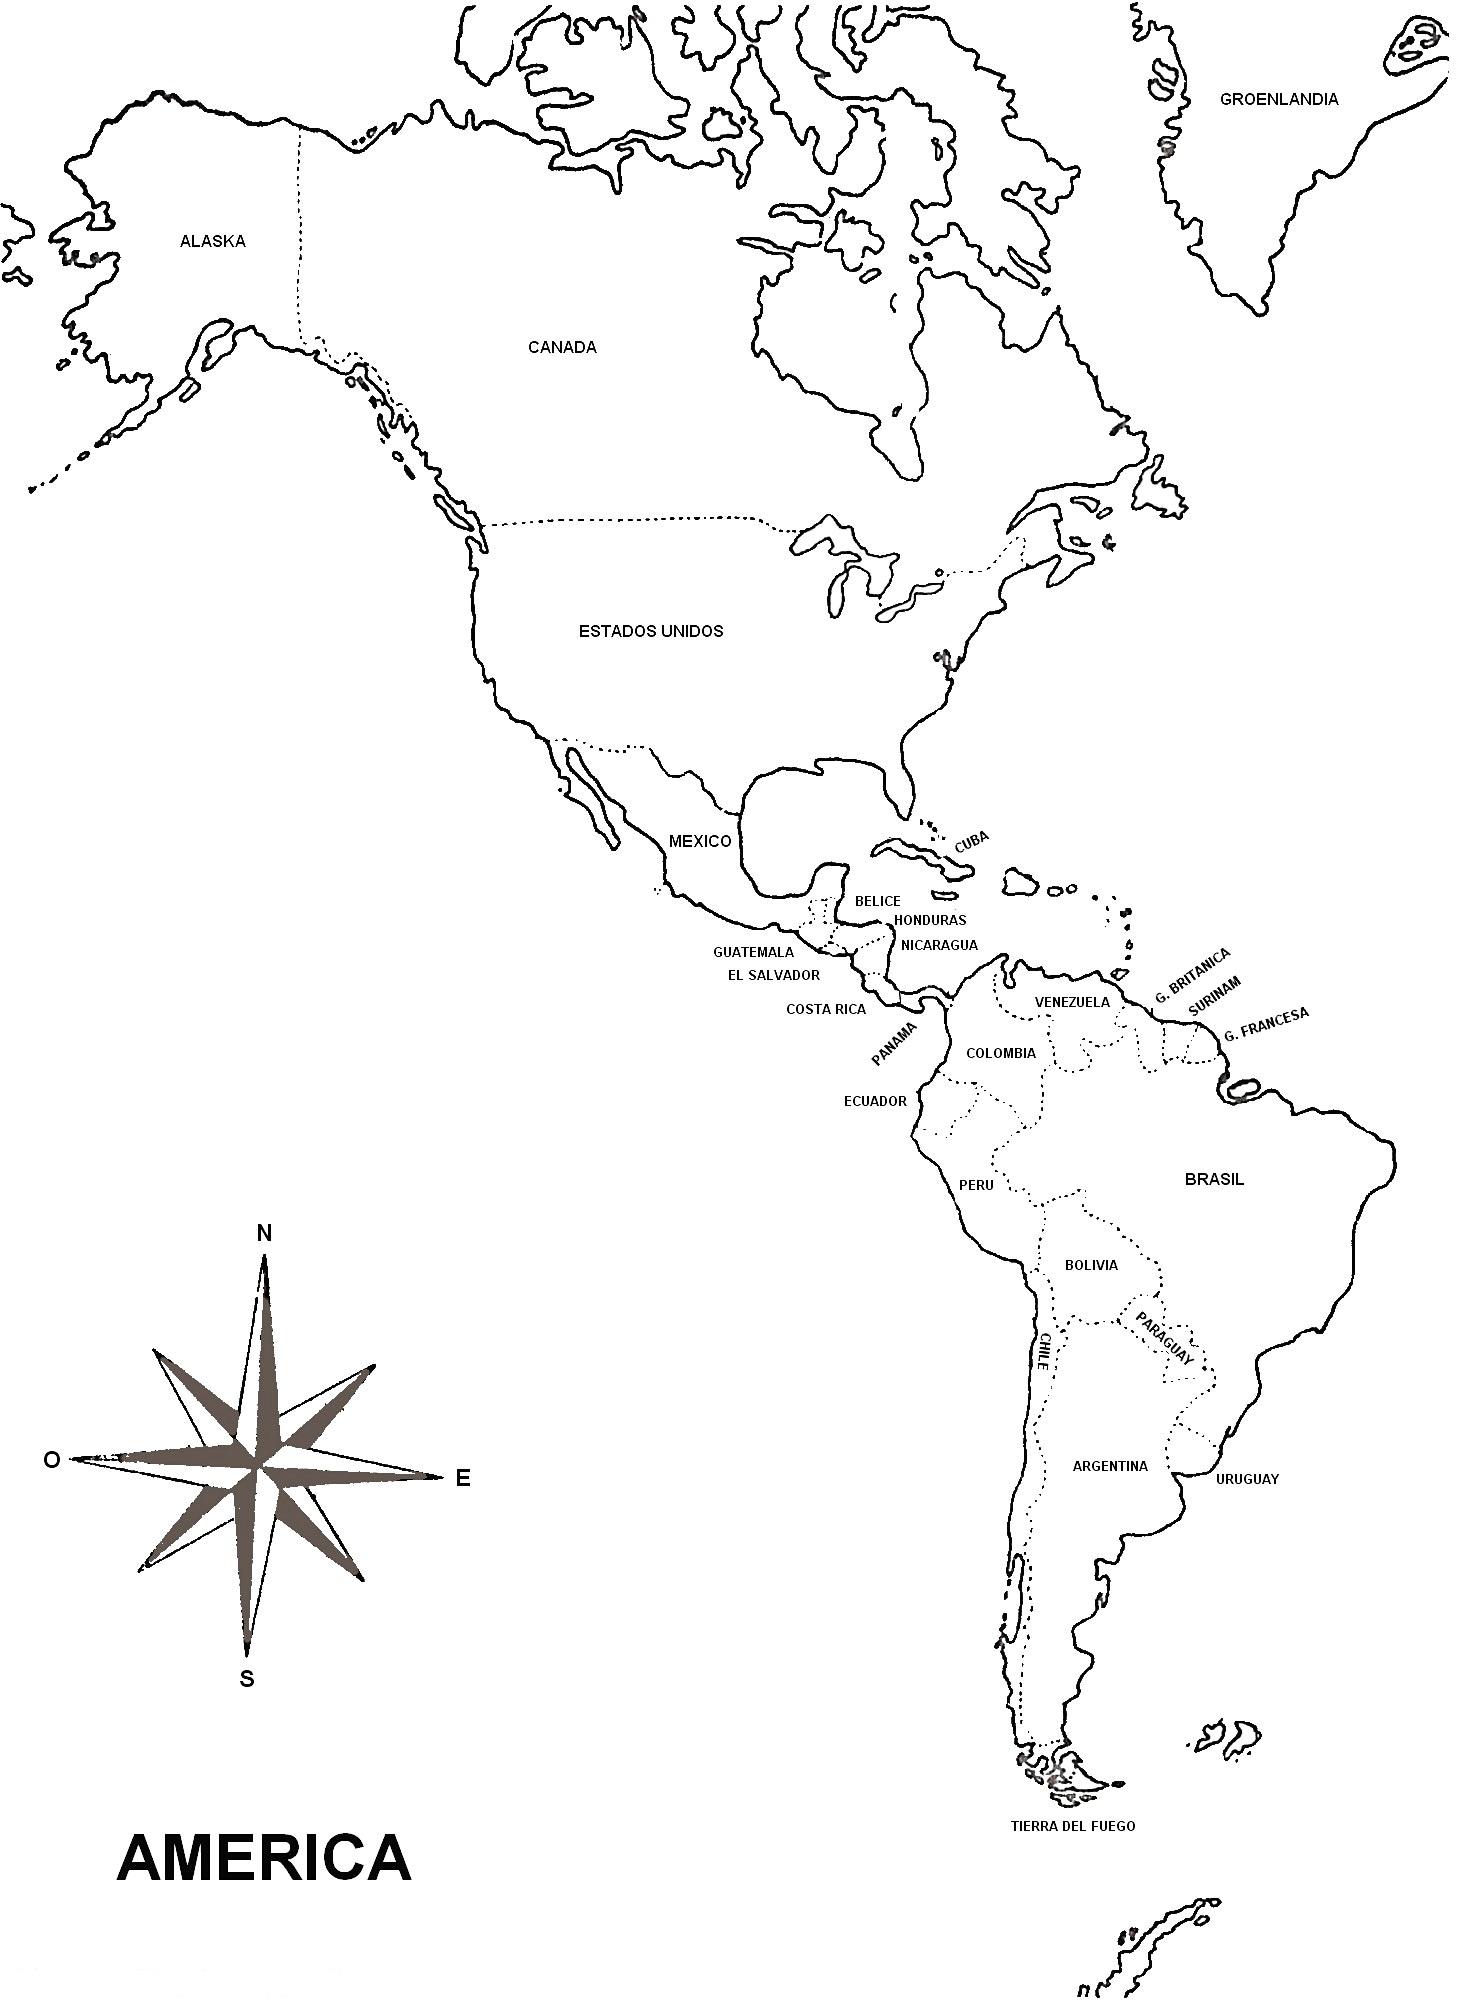 Mapa de América para imprimir - Mapa de América